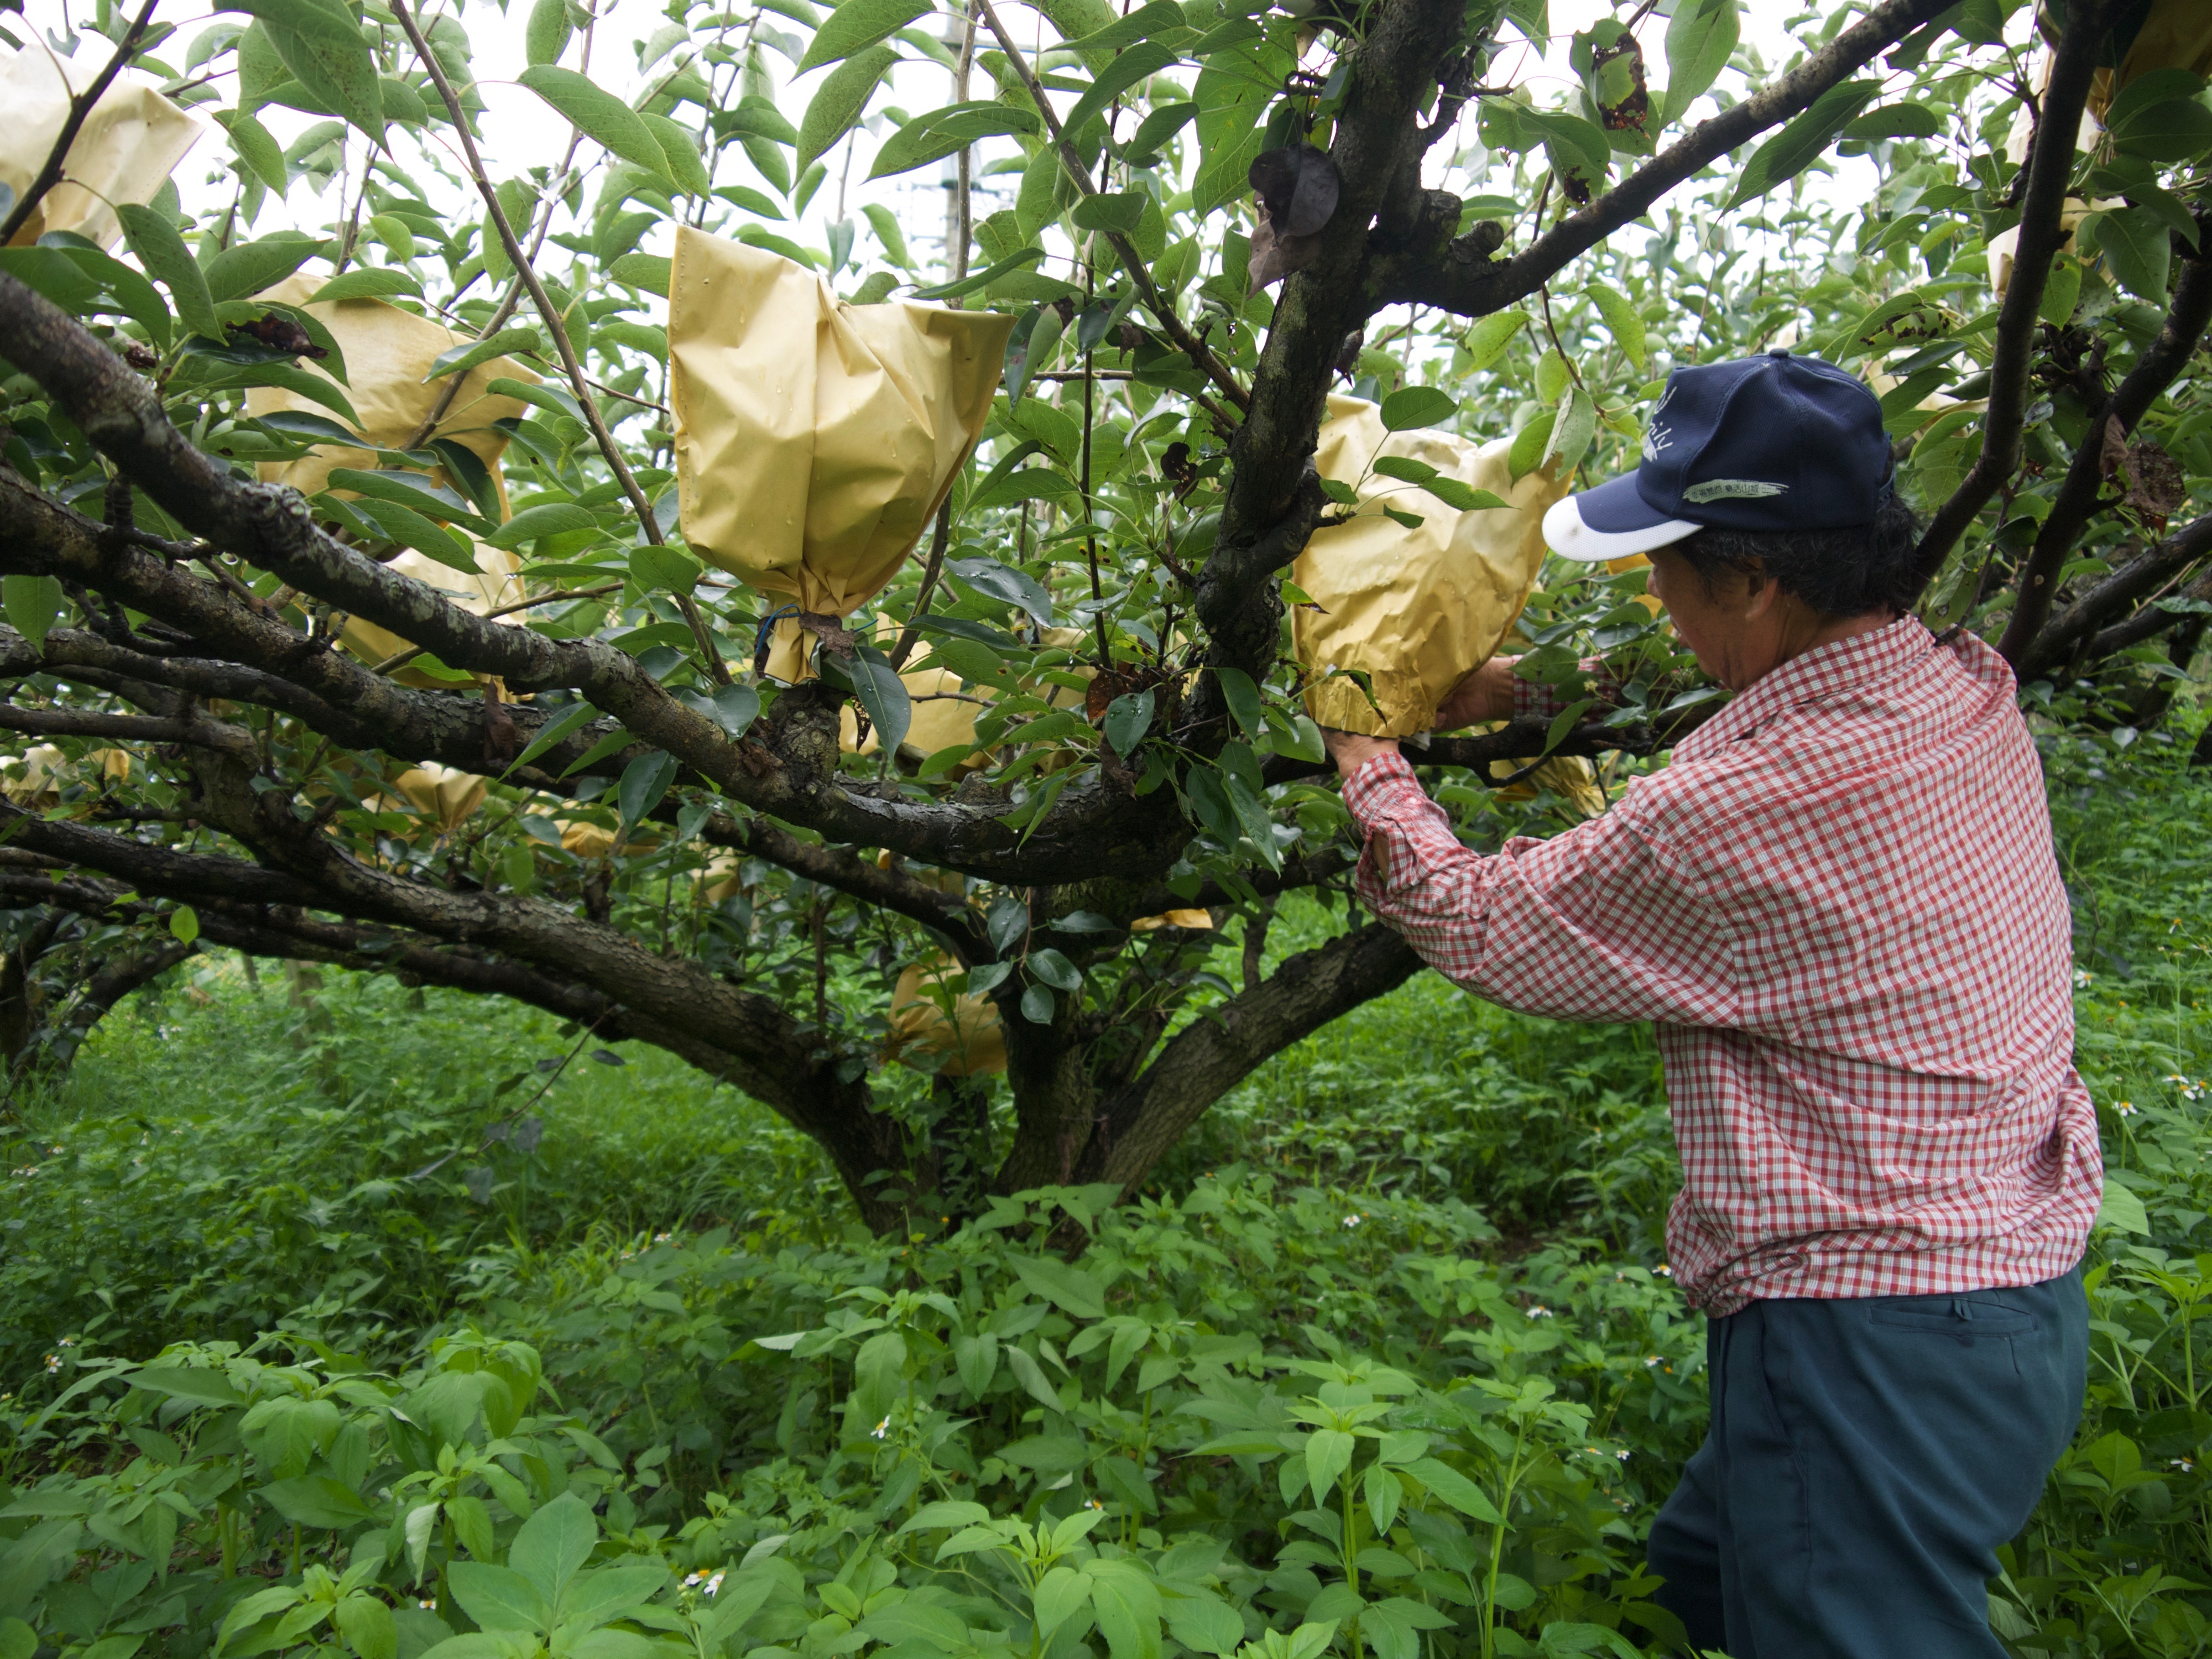 常見及稀有種梨子有哪些?|雪梨水梨不一樣,分辨梨子品種看這篇!